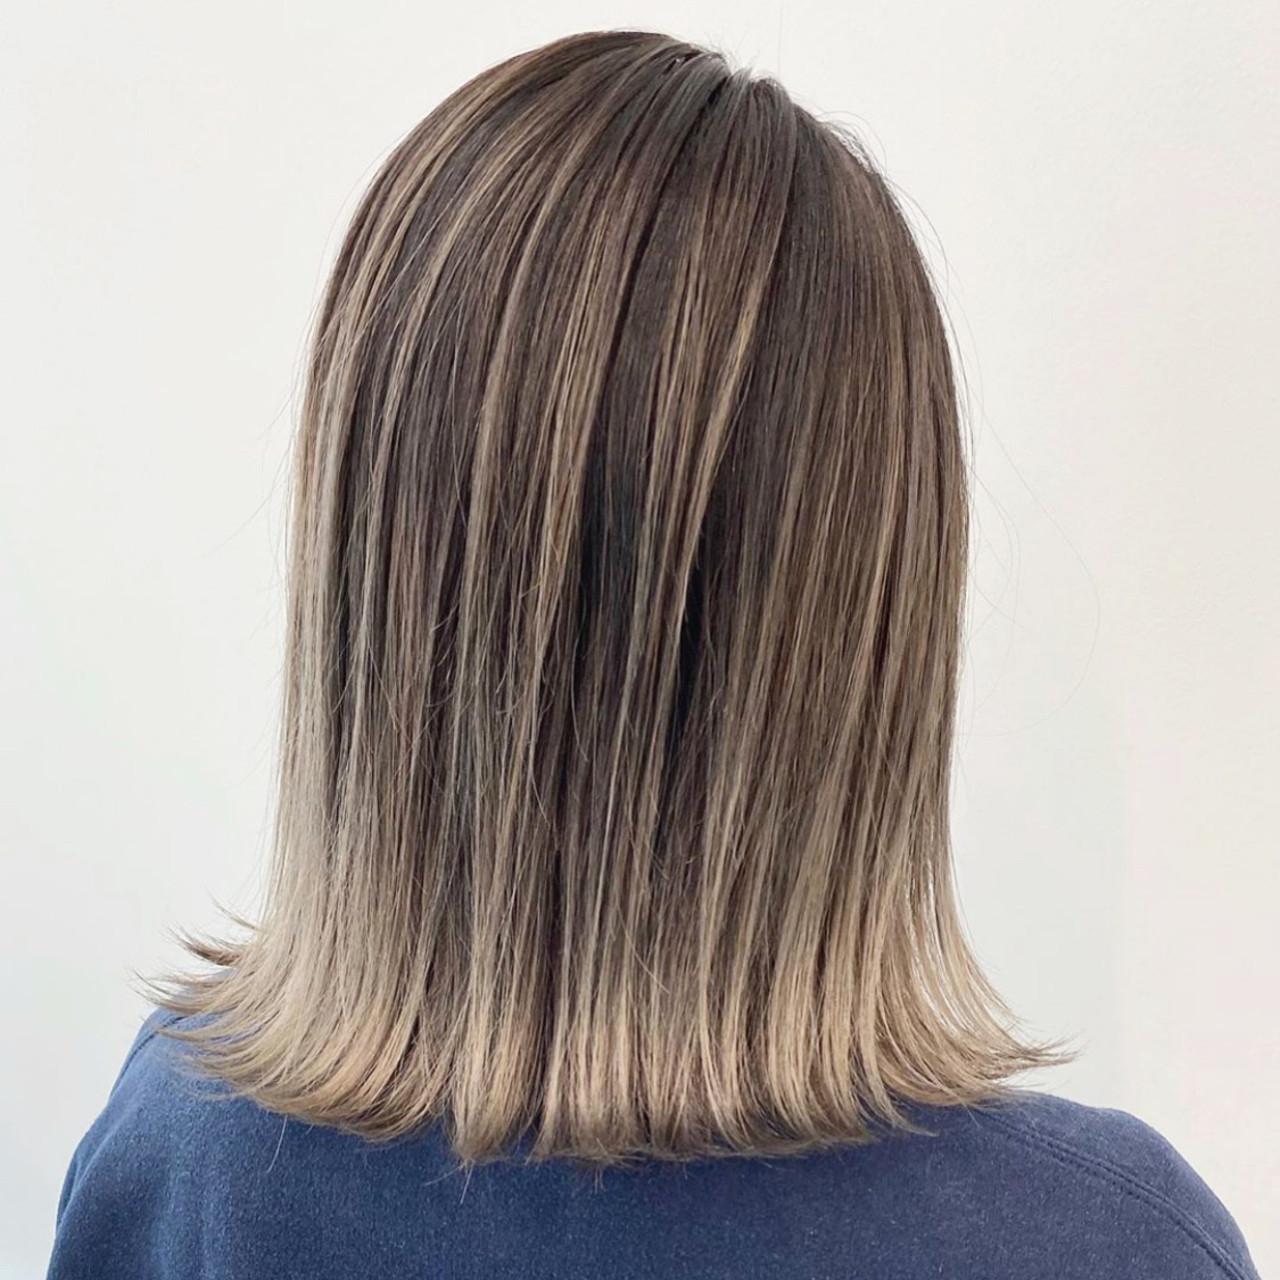 ベージュ グラデーションカラー エレガント アッシュベージュ ヘアスタイルや髪型の写真・画像